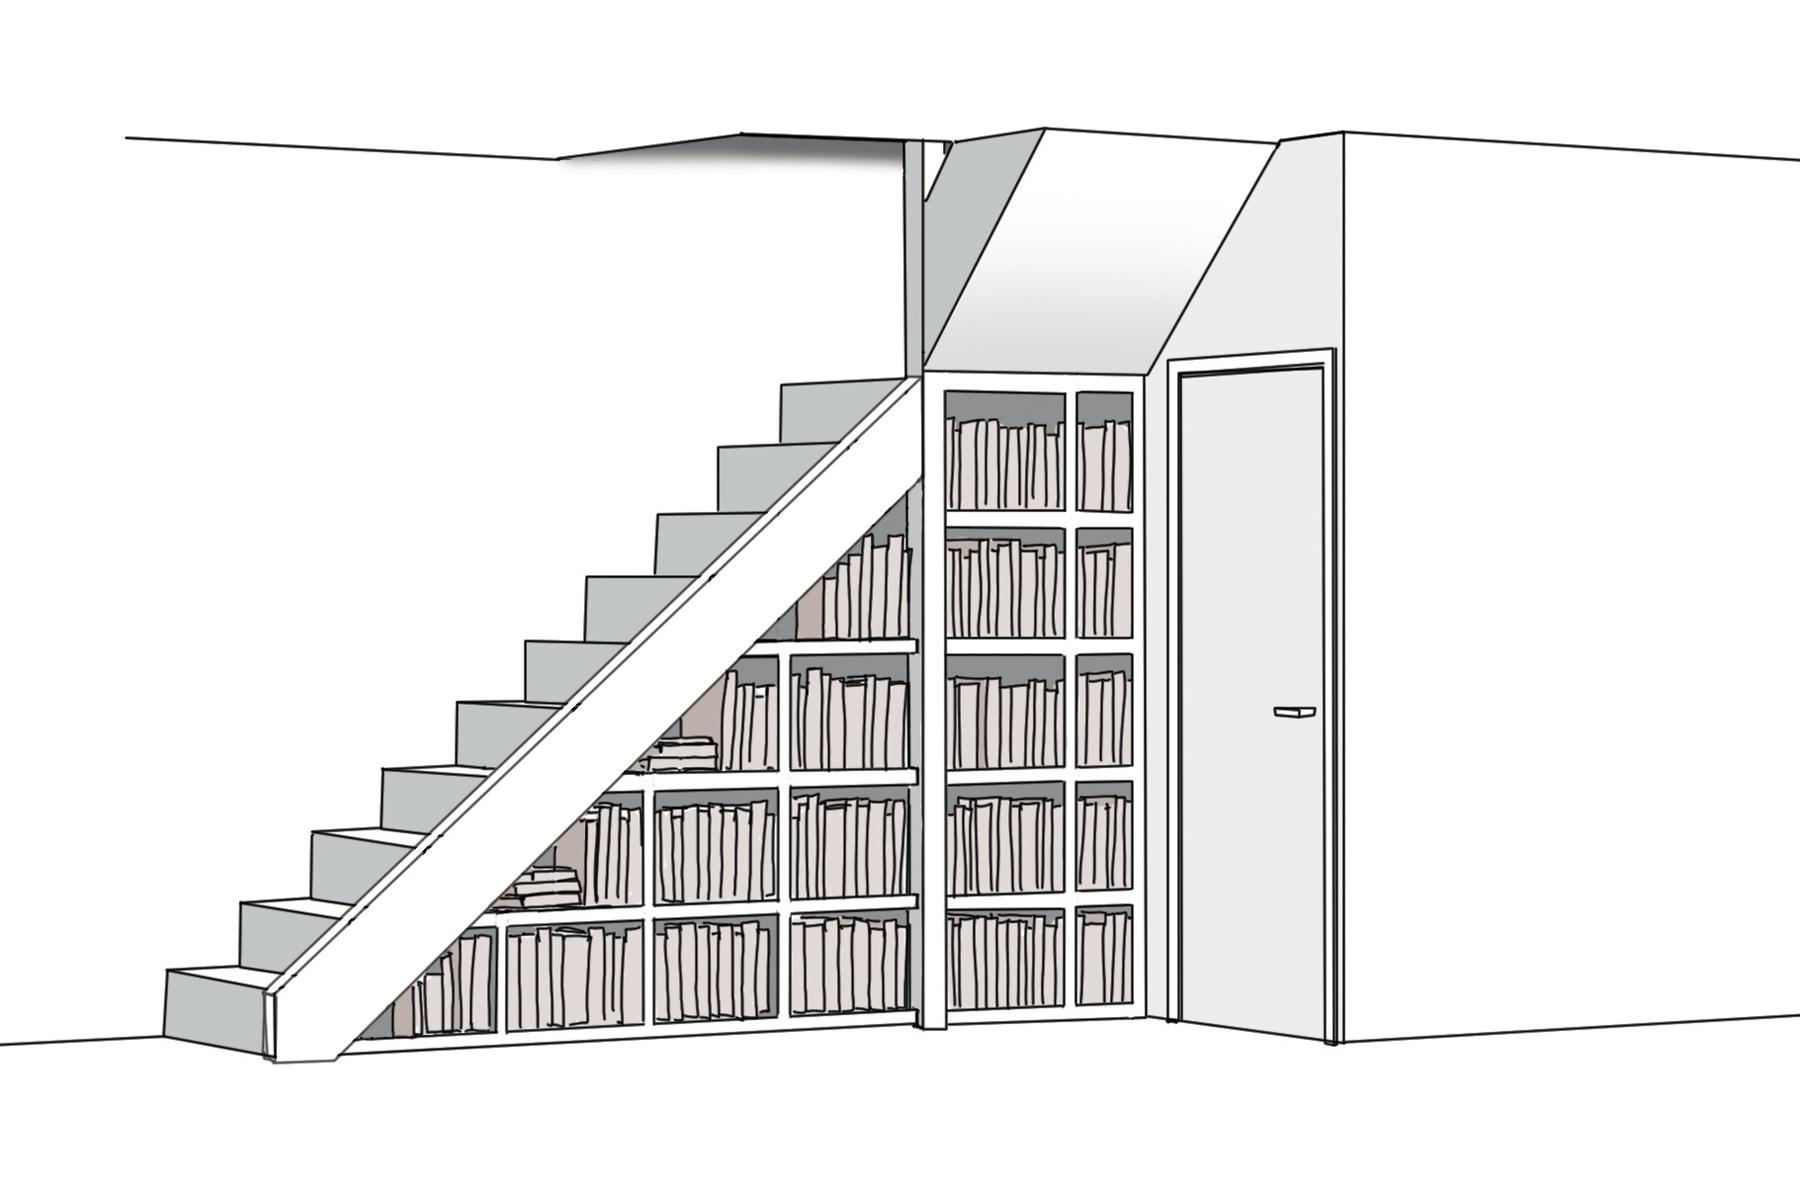 boekenkast-tekening-findio